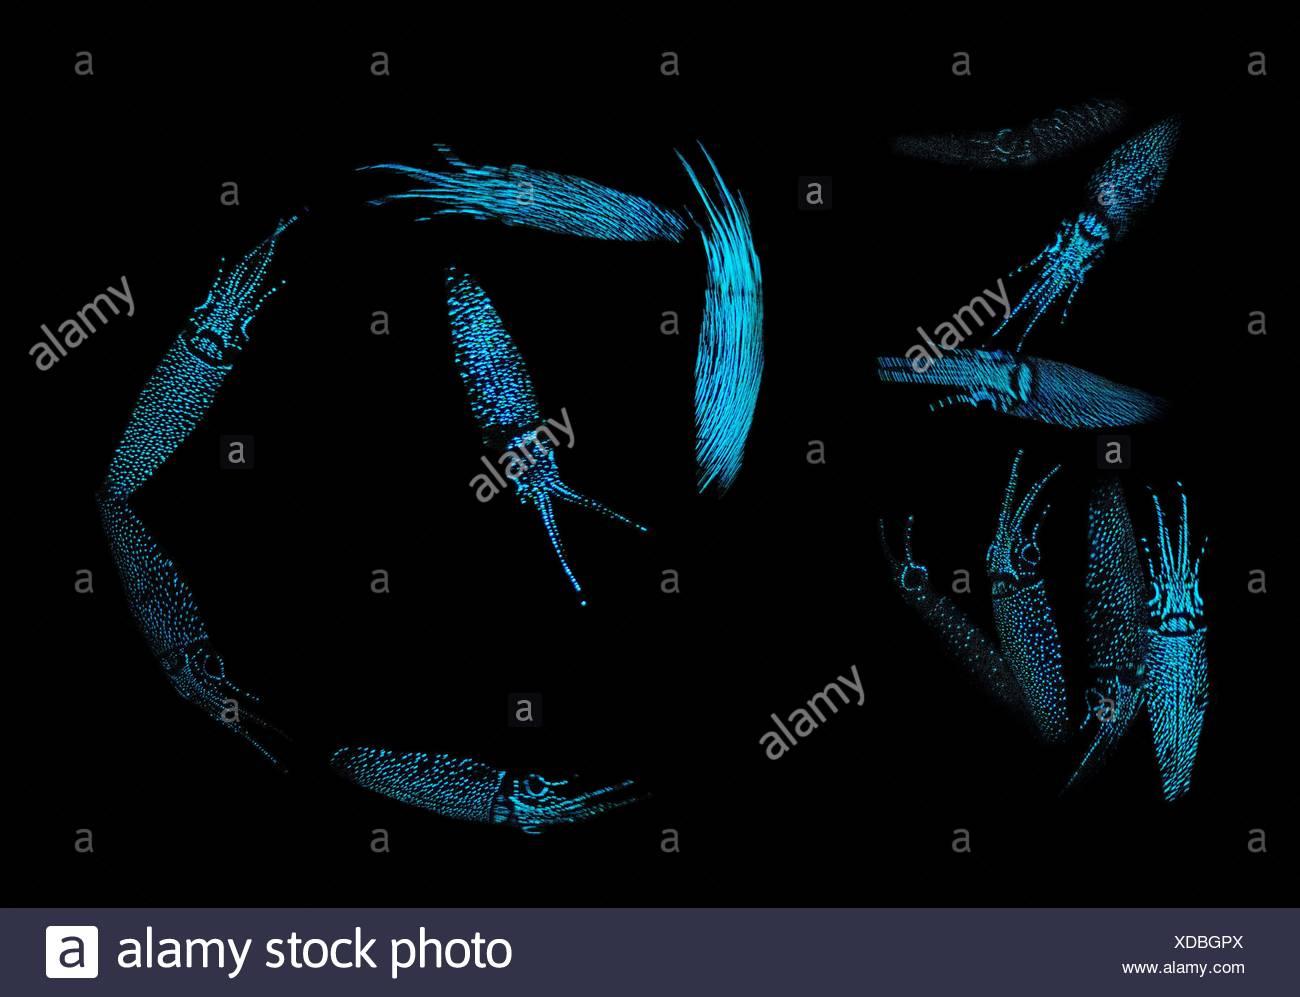 Wunderbar Glühwürmchen Tintenfisch Färbung Seite Galerie - Beispiel ...